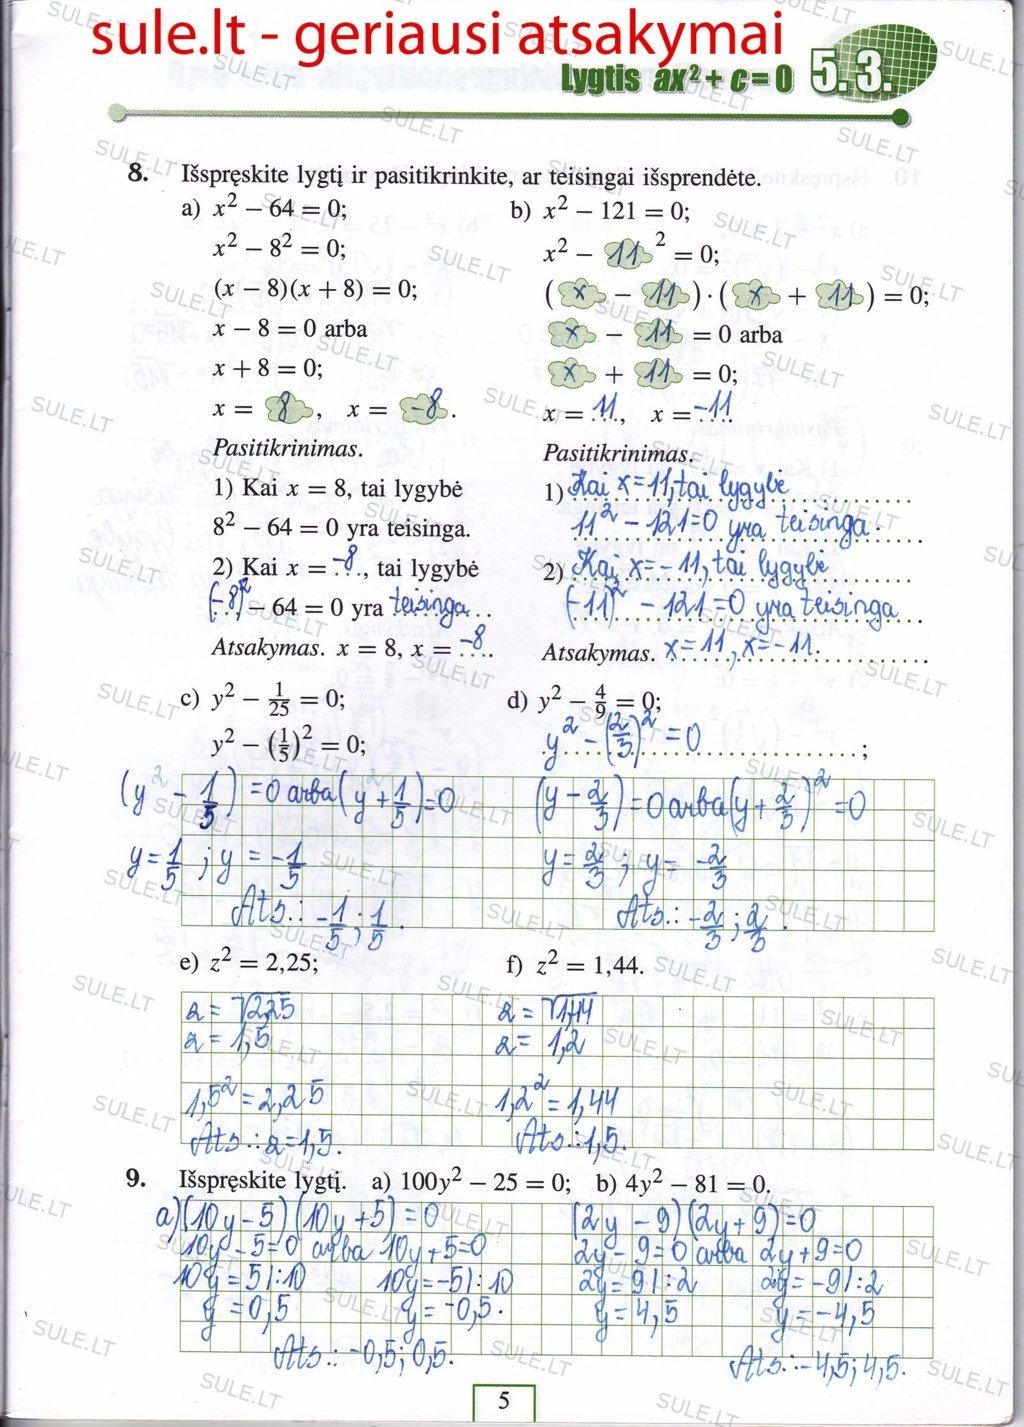 Peržiūrėti puslapį 4